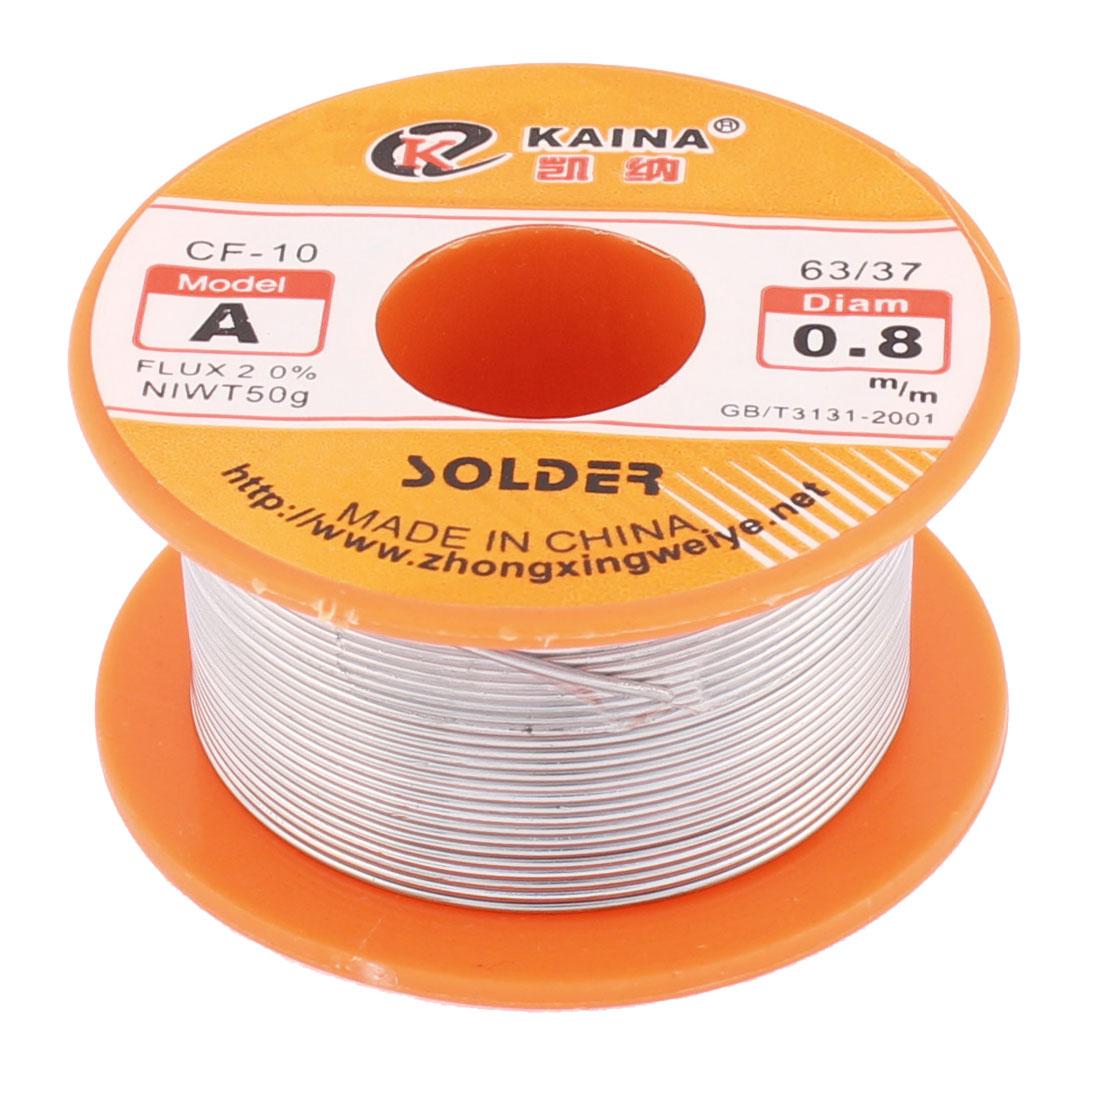 0.8mm 63/37 Tin/Lead Flux 2.0% Rosin Core Roll Solder Wire Reel